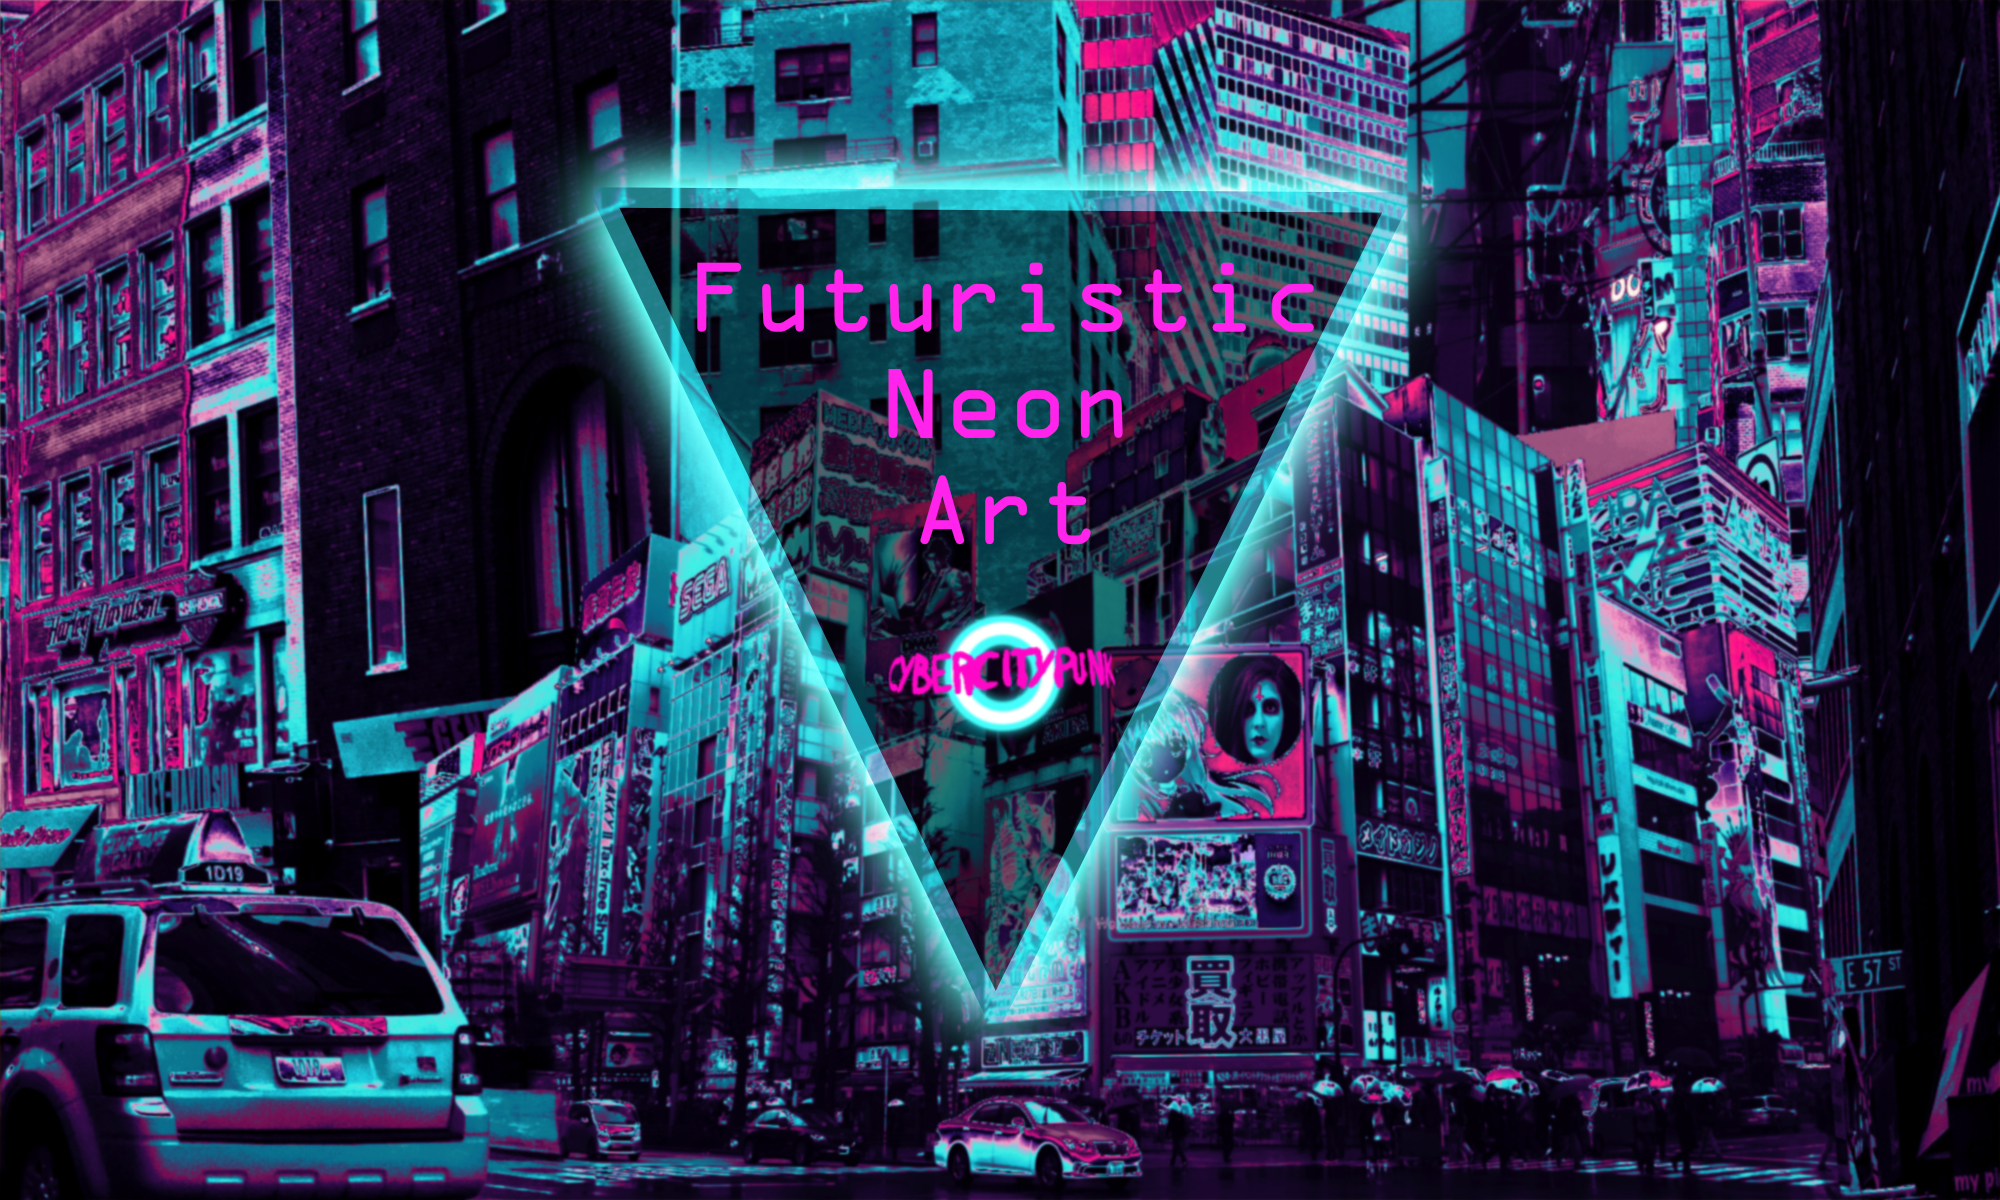 Cybercitypunk